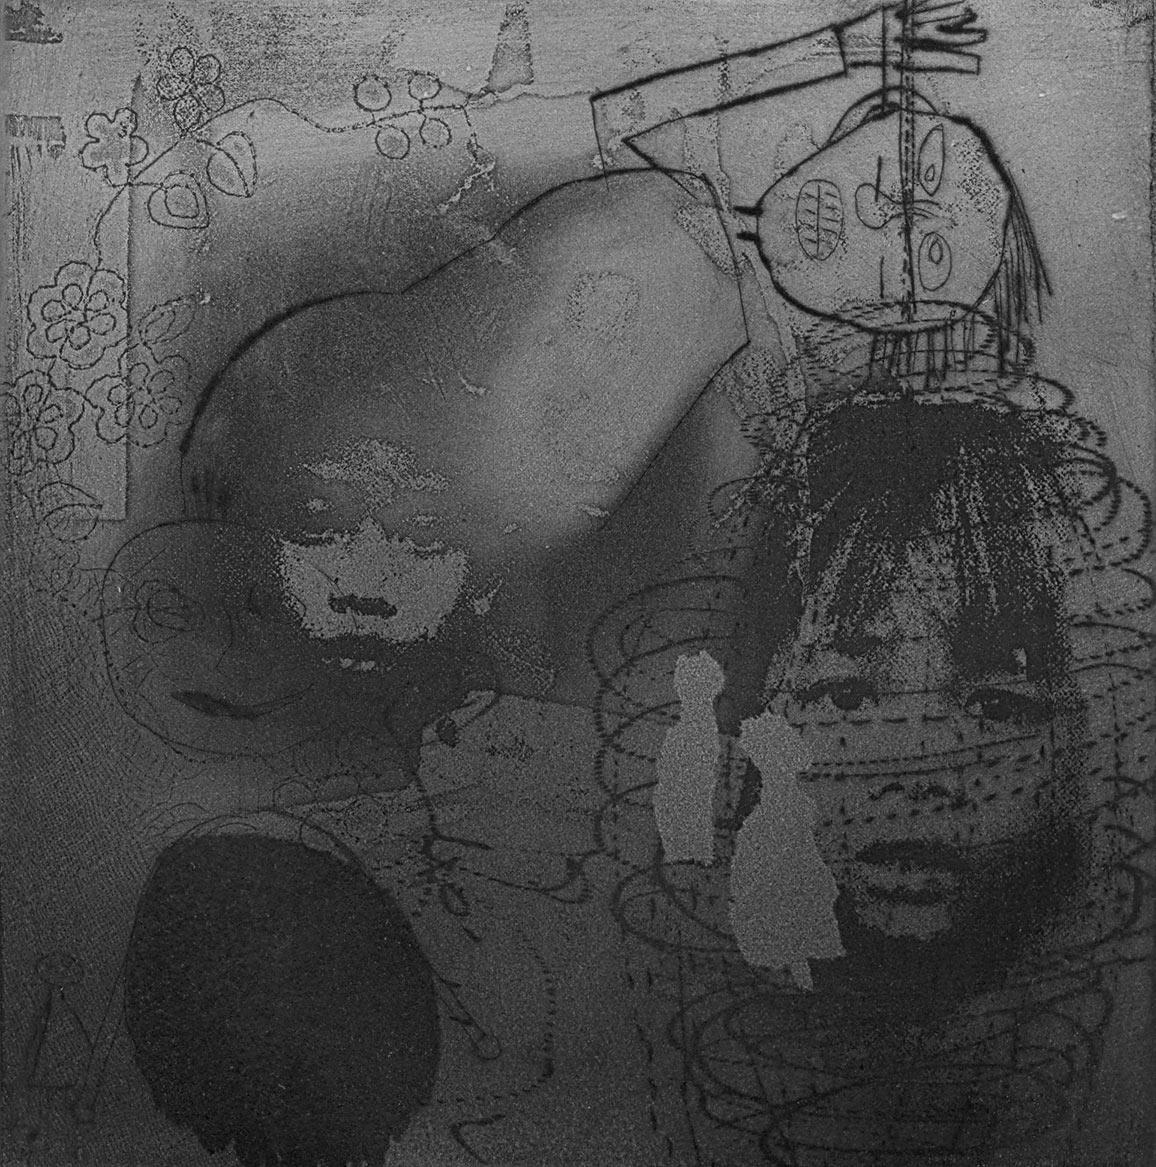 25cm x 25cm digital reproduction ofPalimpsest 12